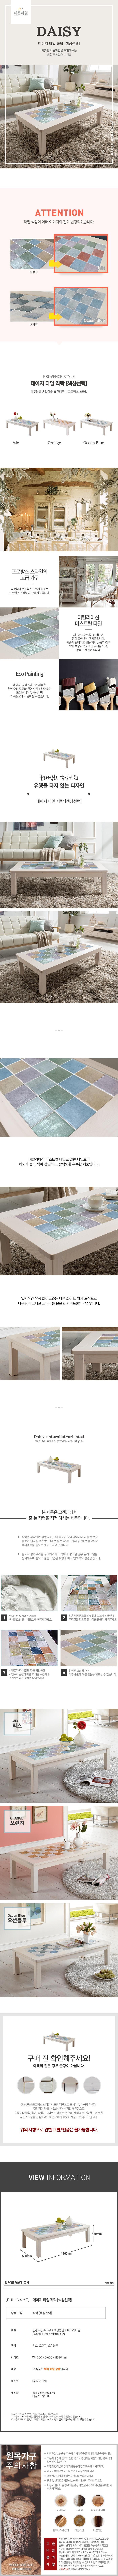 데이지 타일 좌탁 3Type - 미즌하임, 154,900원, 거실 테이블, 소파테이블